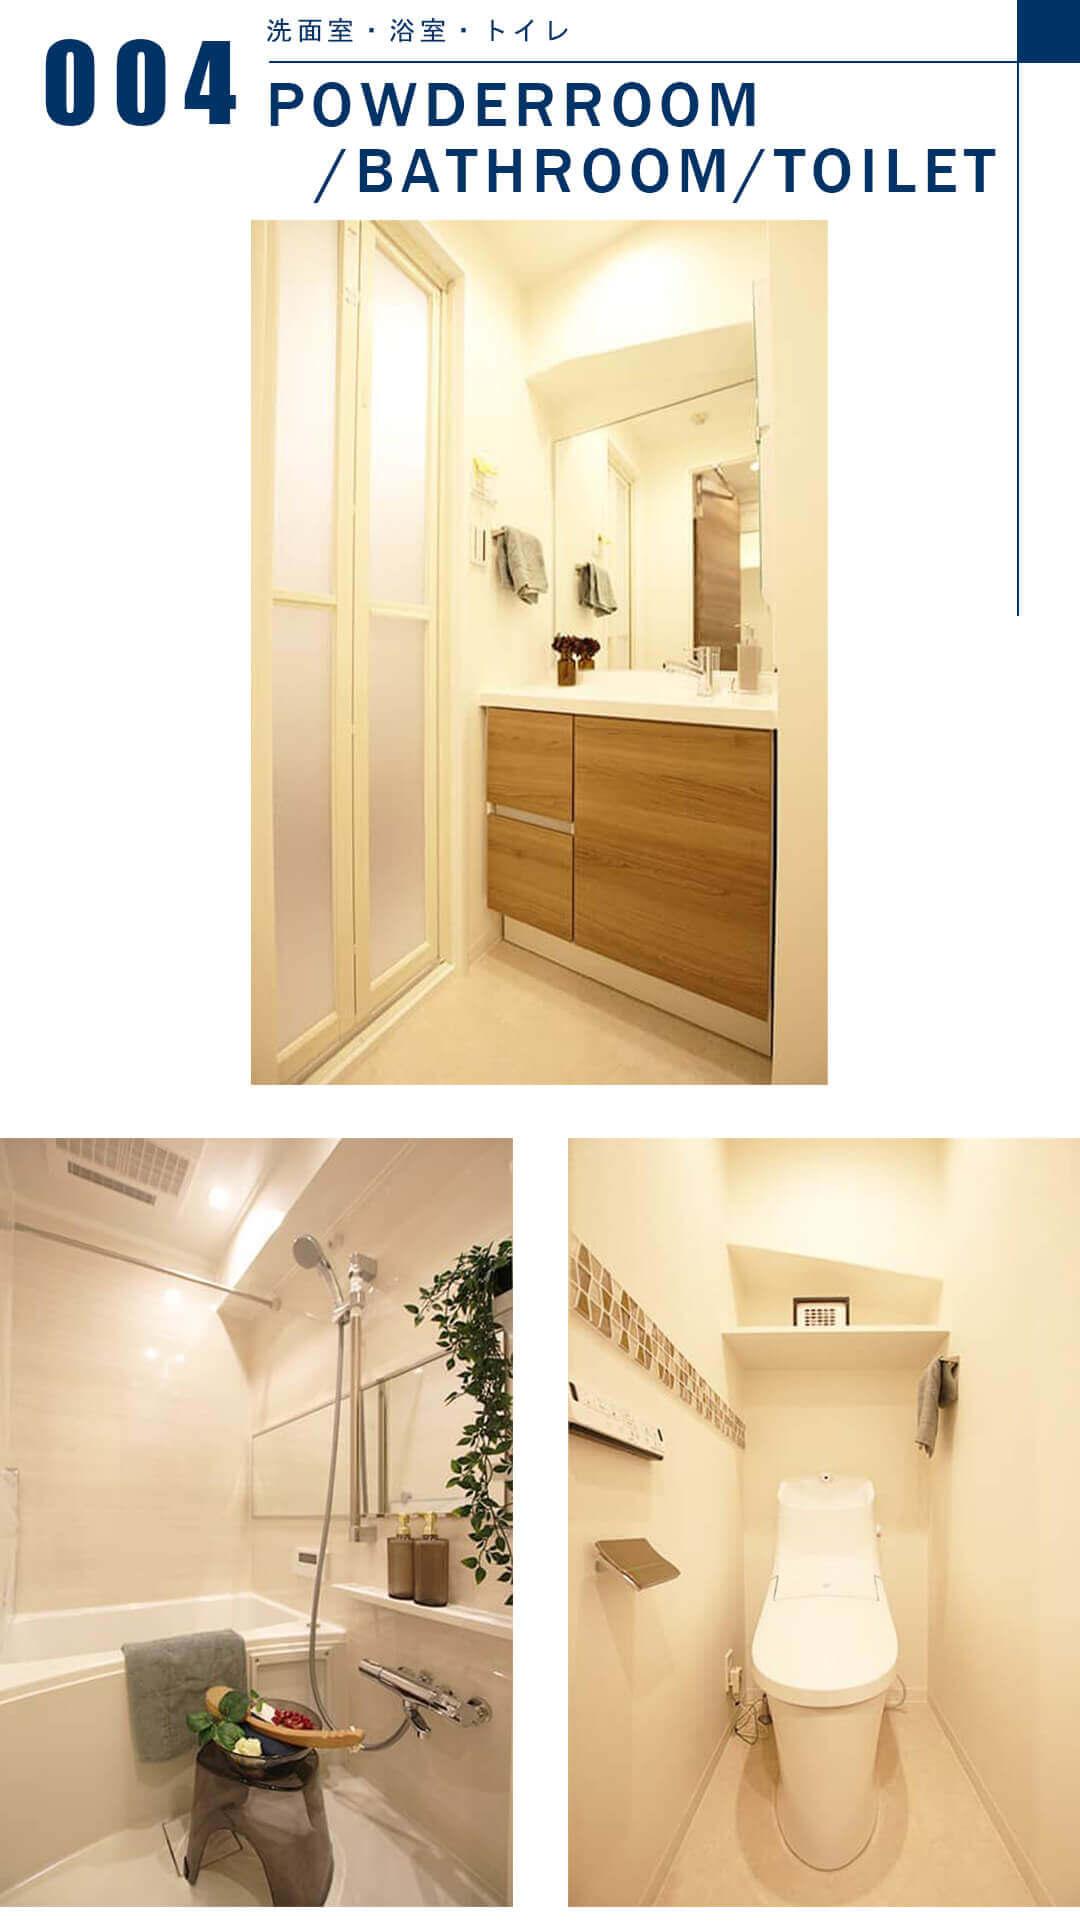 菱和パレス高輪の洗面室・浴室・トイレ